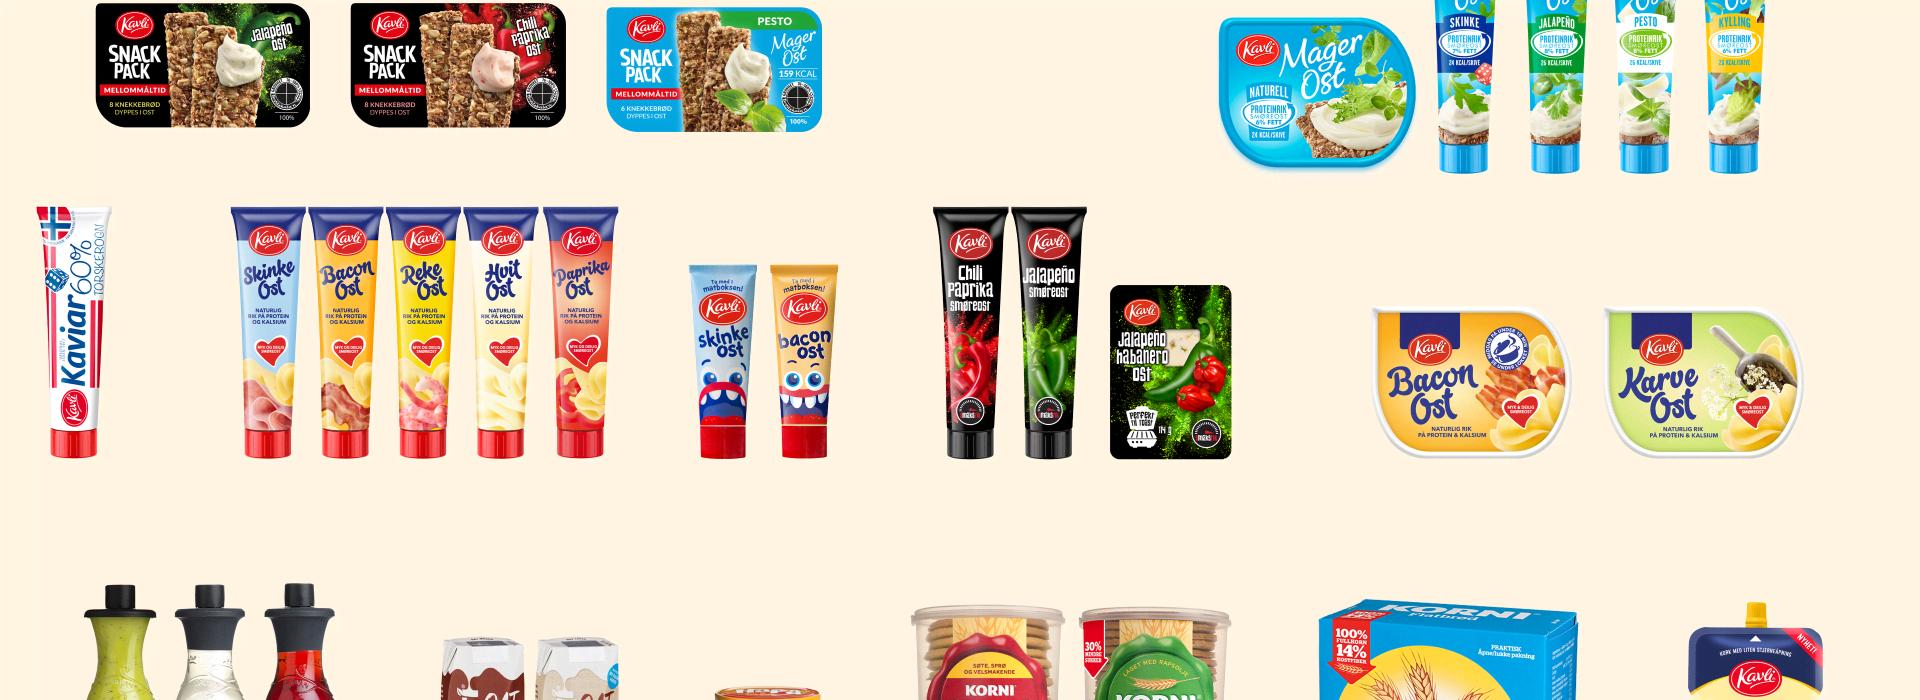 Kavli produkt- og merkevarekolleksjon 2019